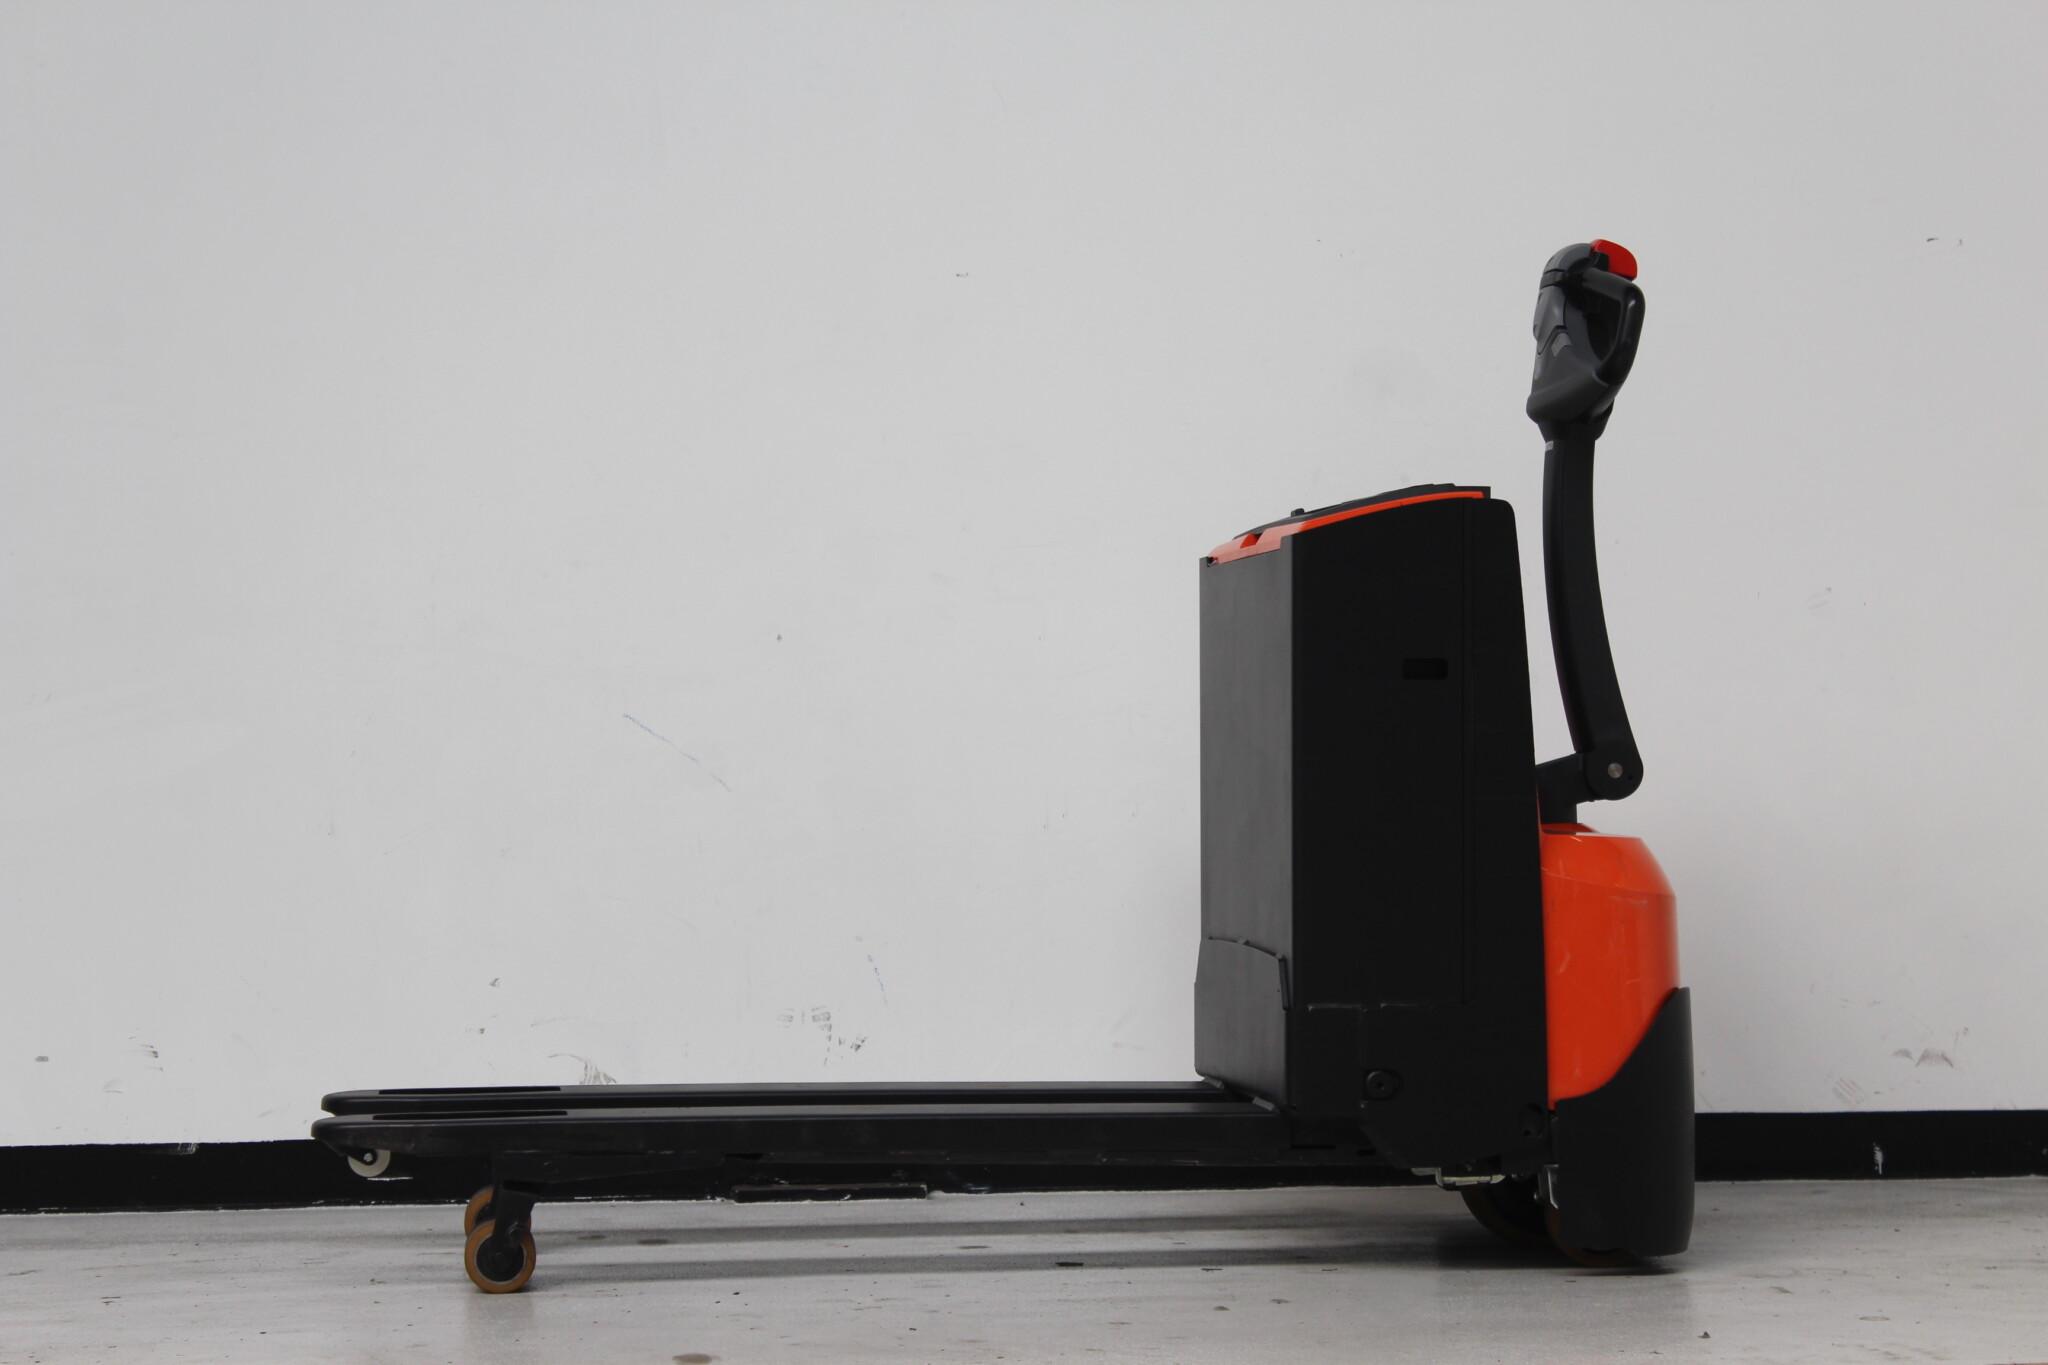 Toyota-Gabelstapler-59840 1604020344 1 scaled